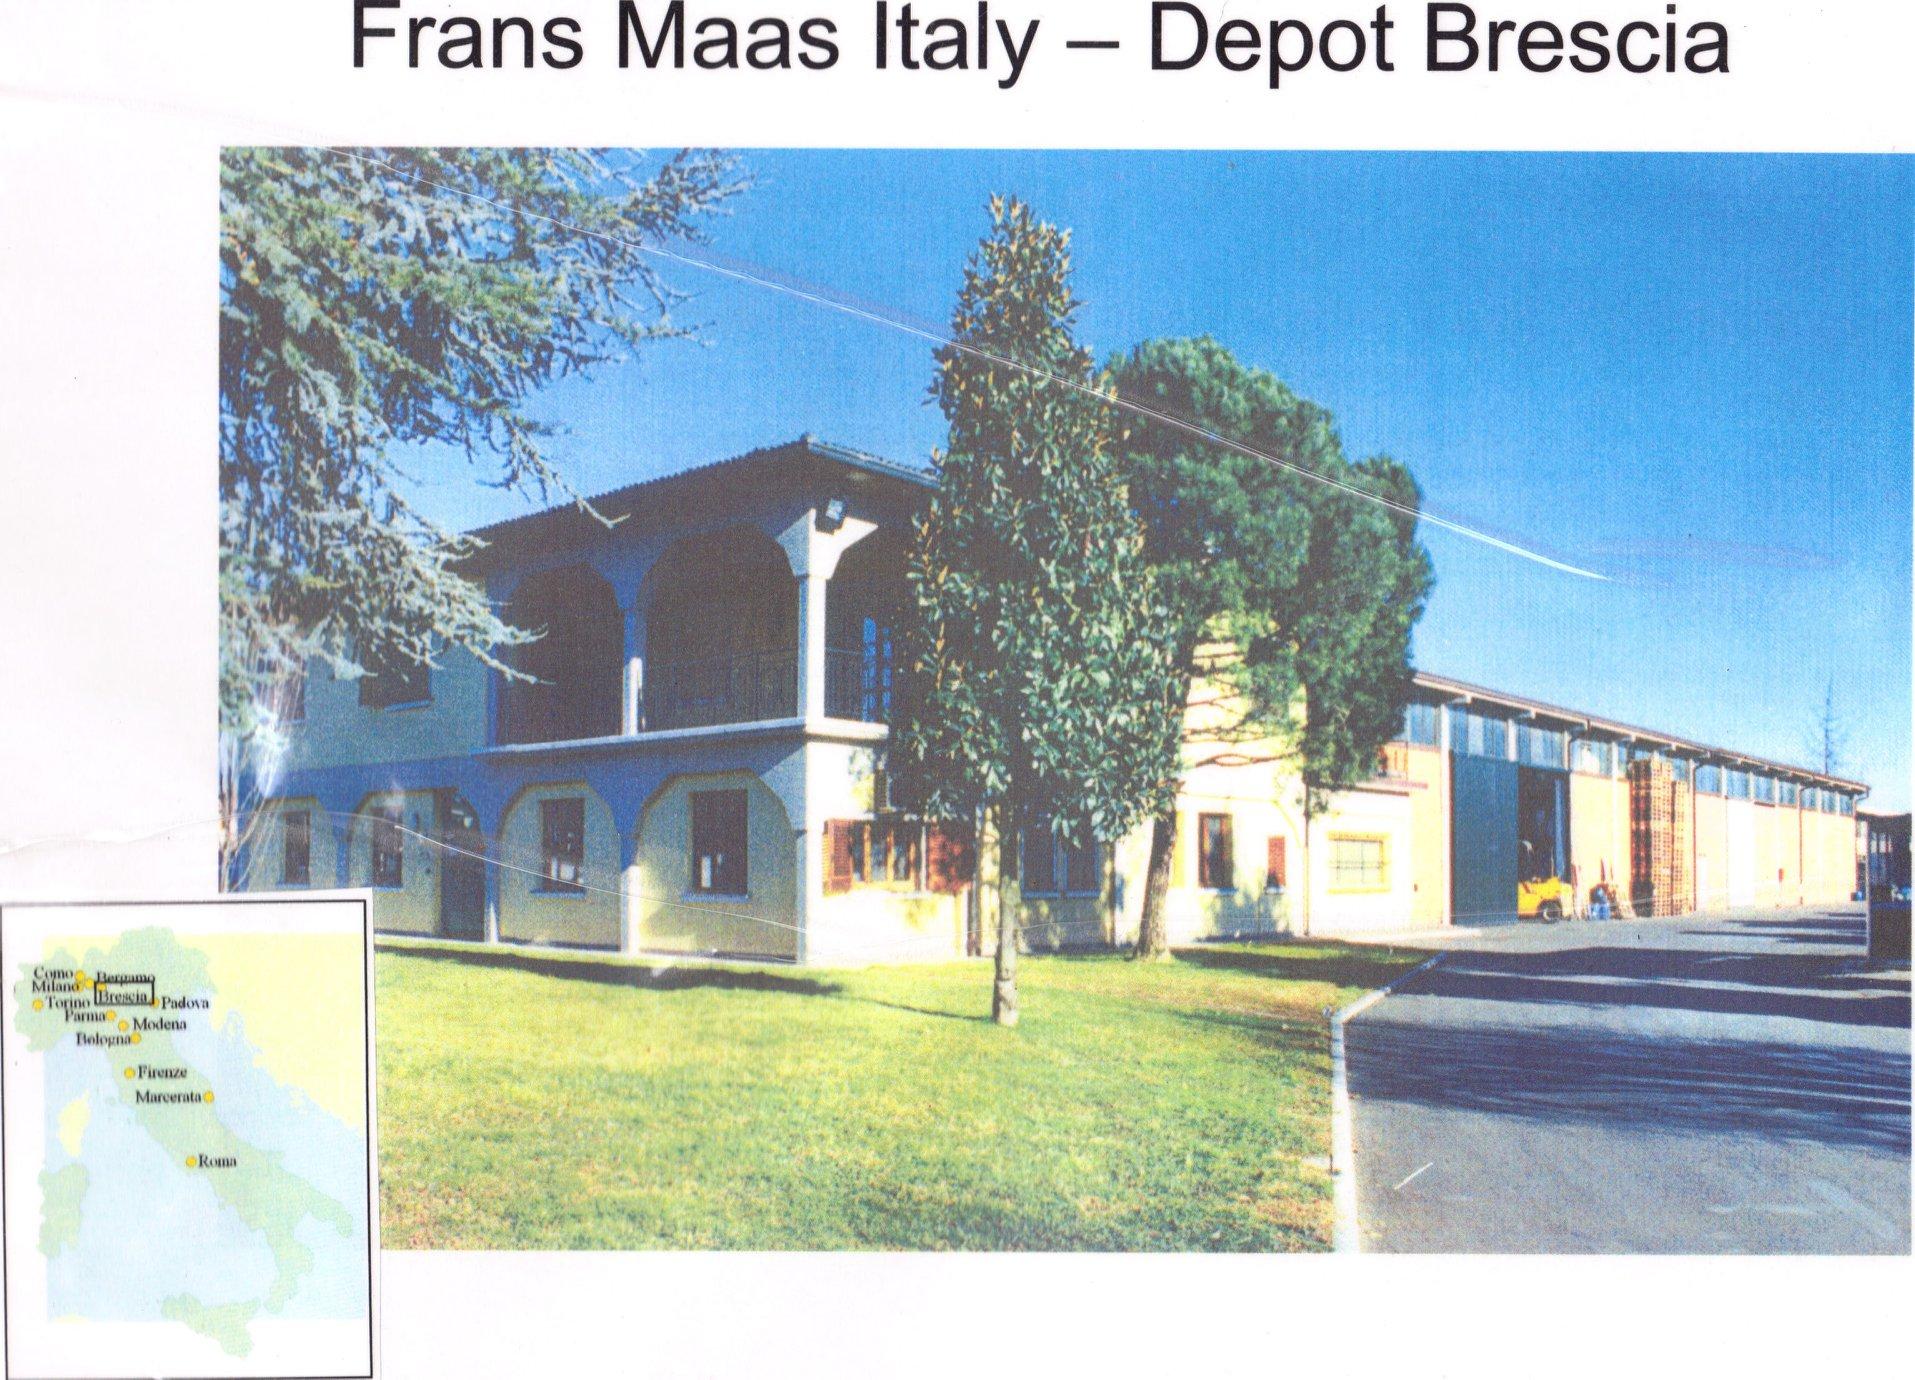 FM--ITALIE